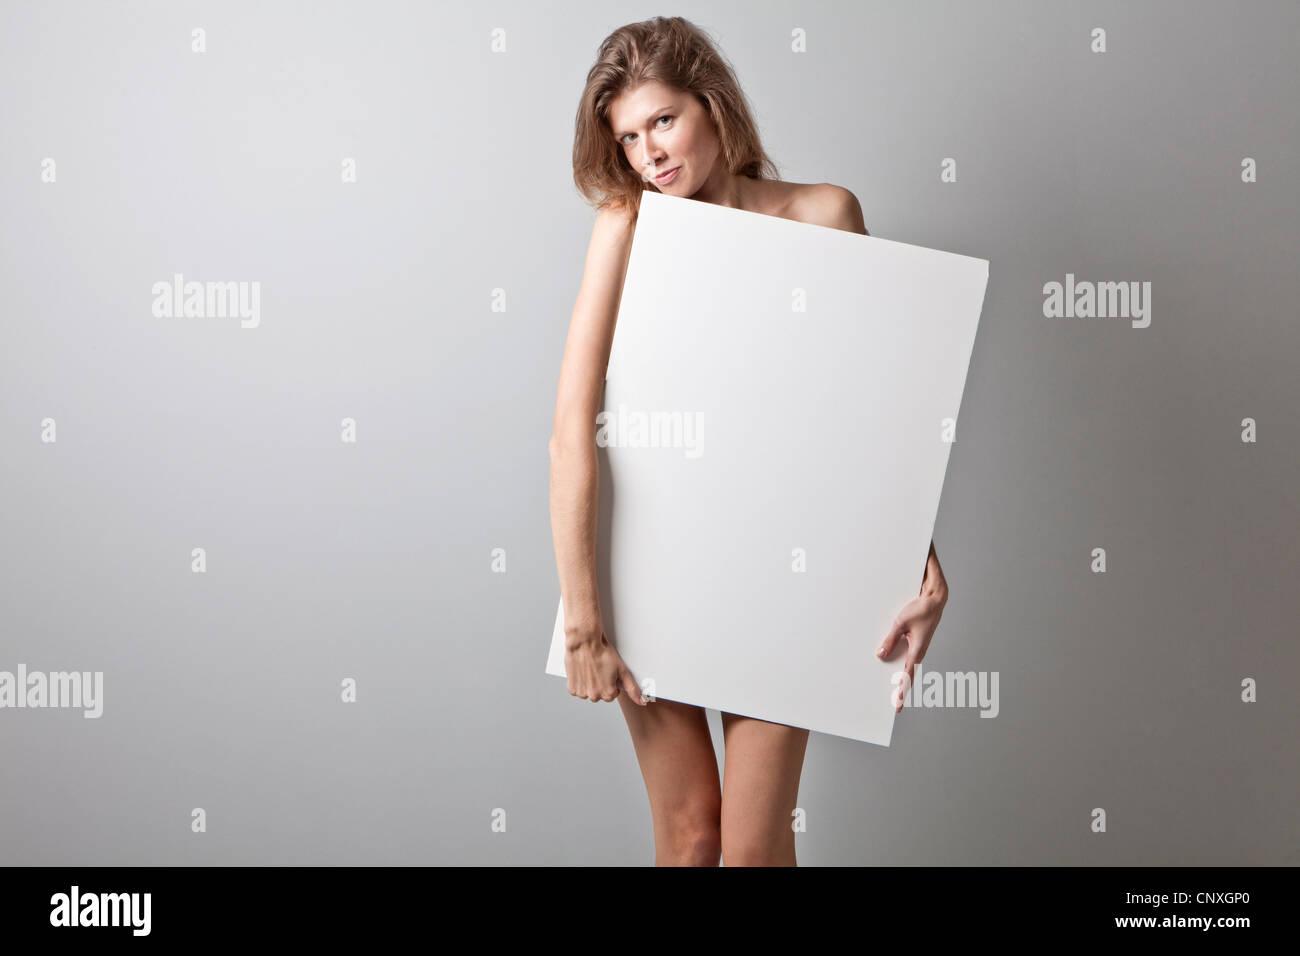 Mujer joven celebración panel blanco Imagen De Stock